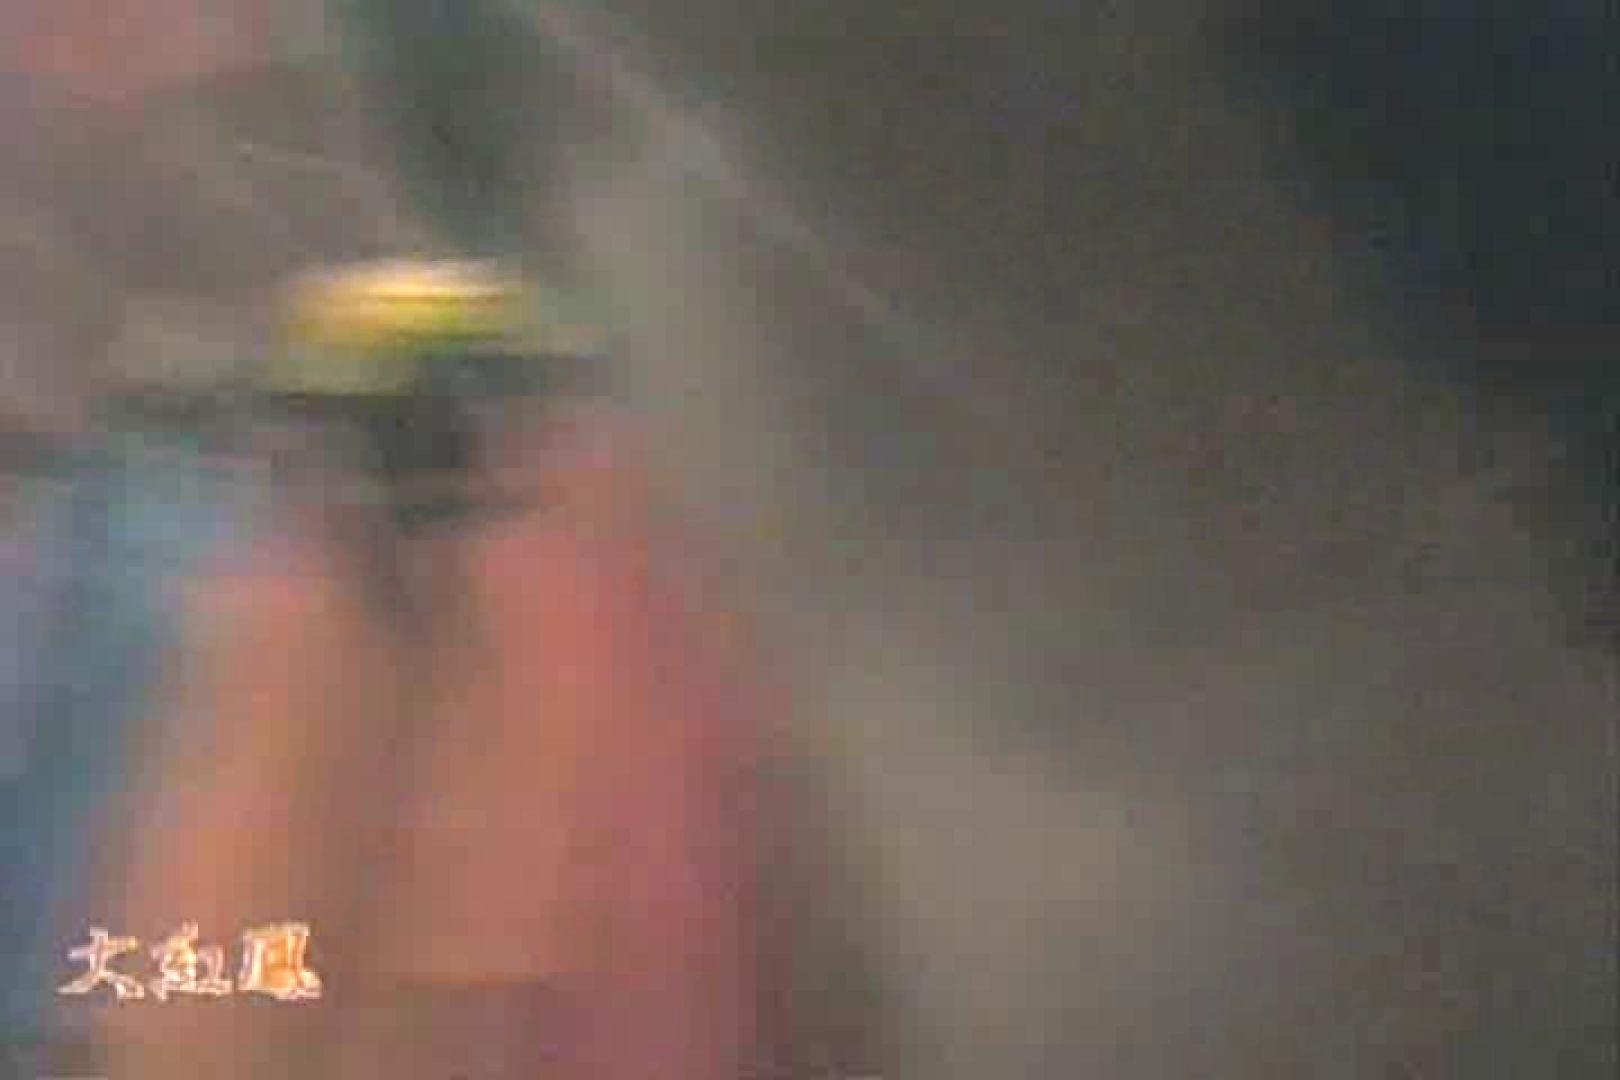 究極カリスマショップ逆さ撮り 完全保存版02 盗撮 | 覗き  108pic 19